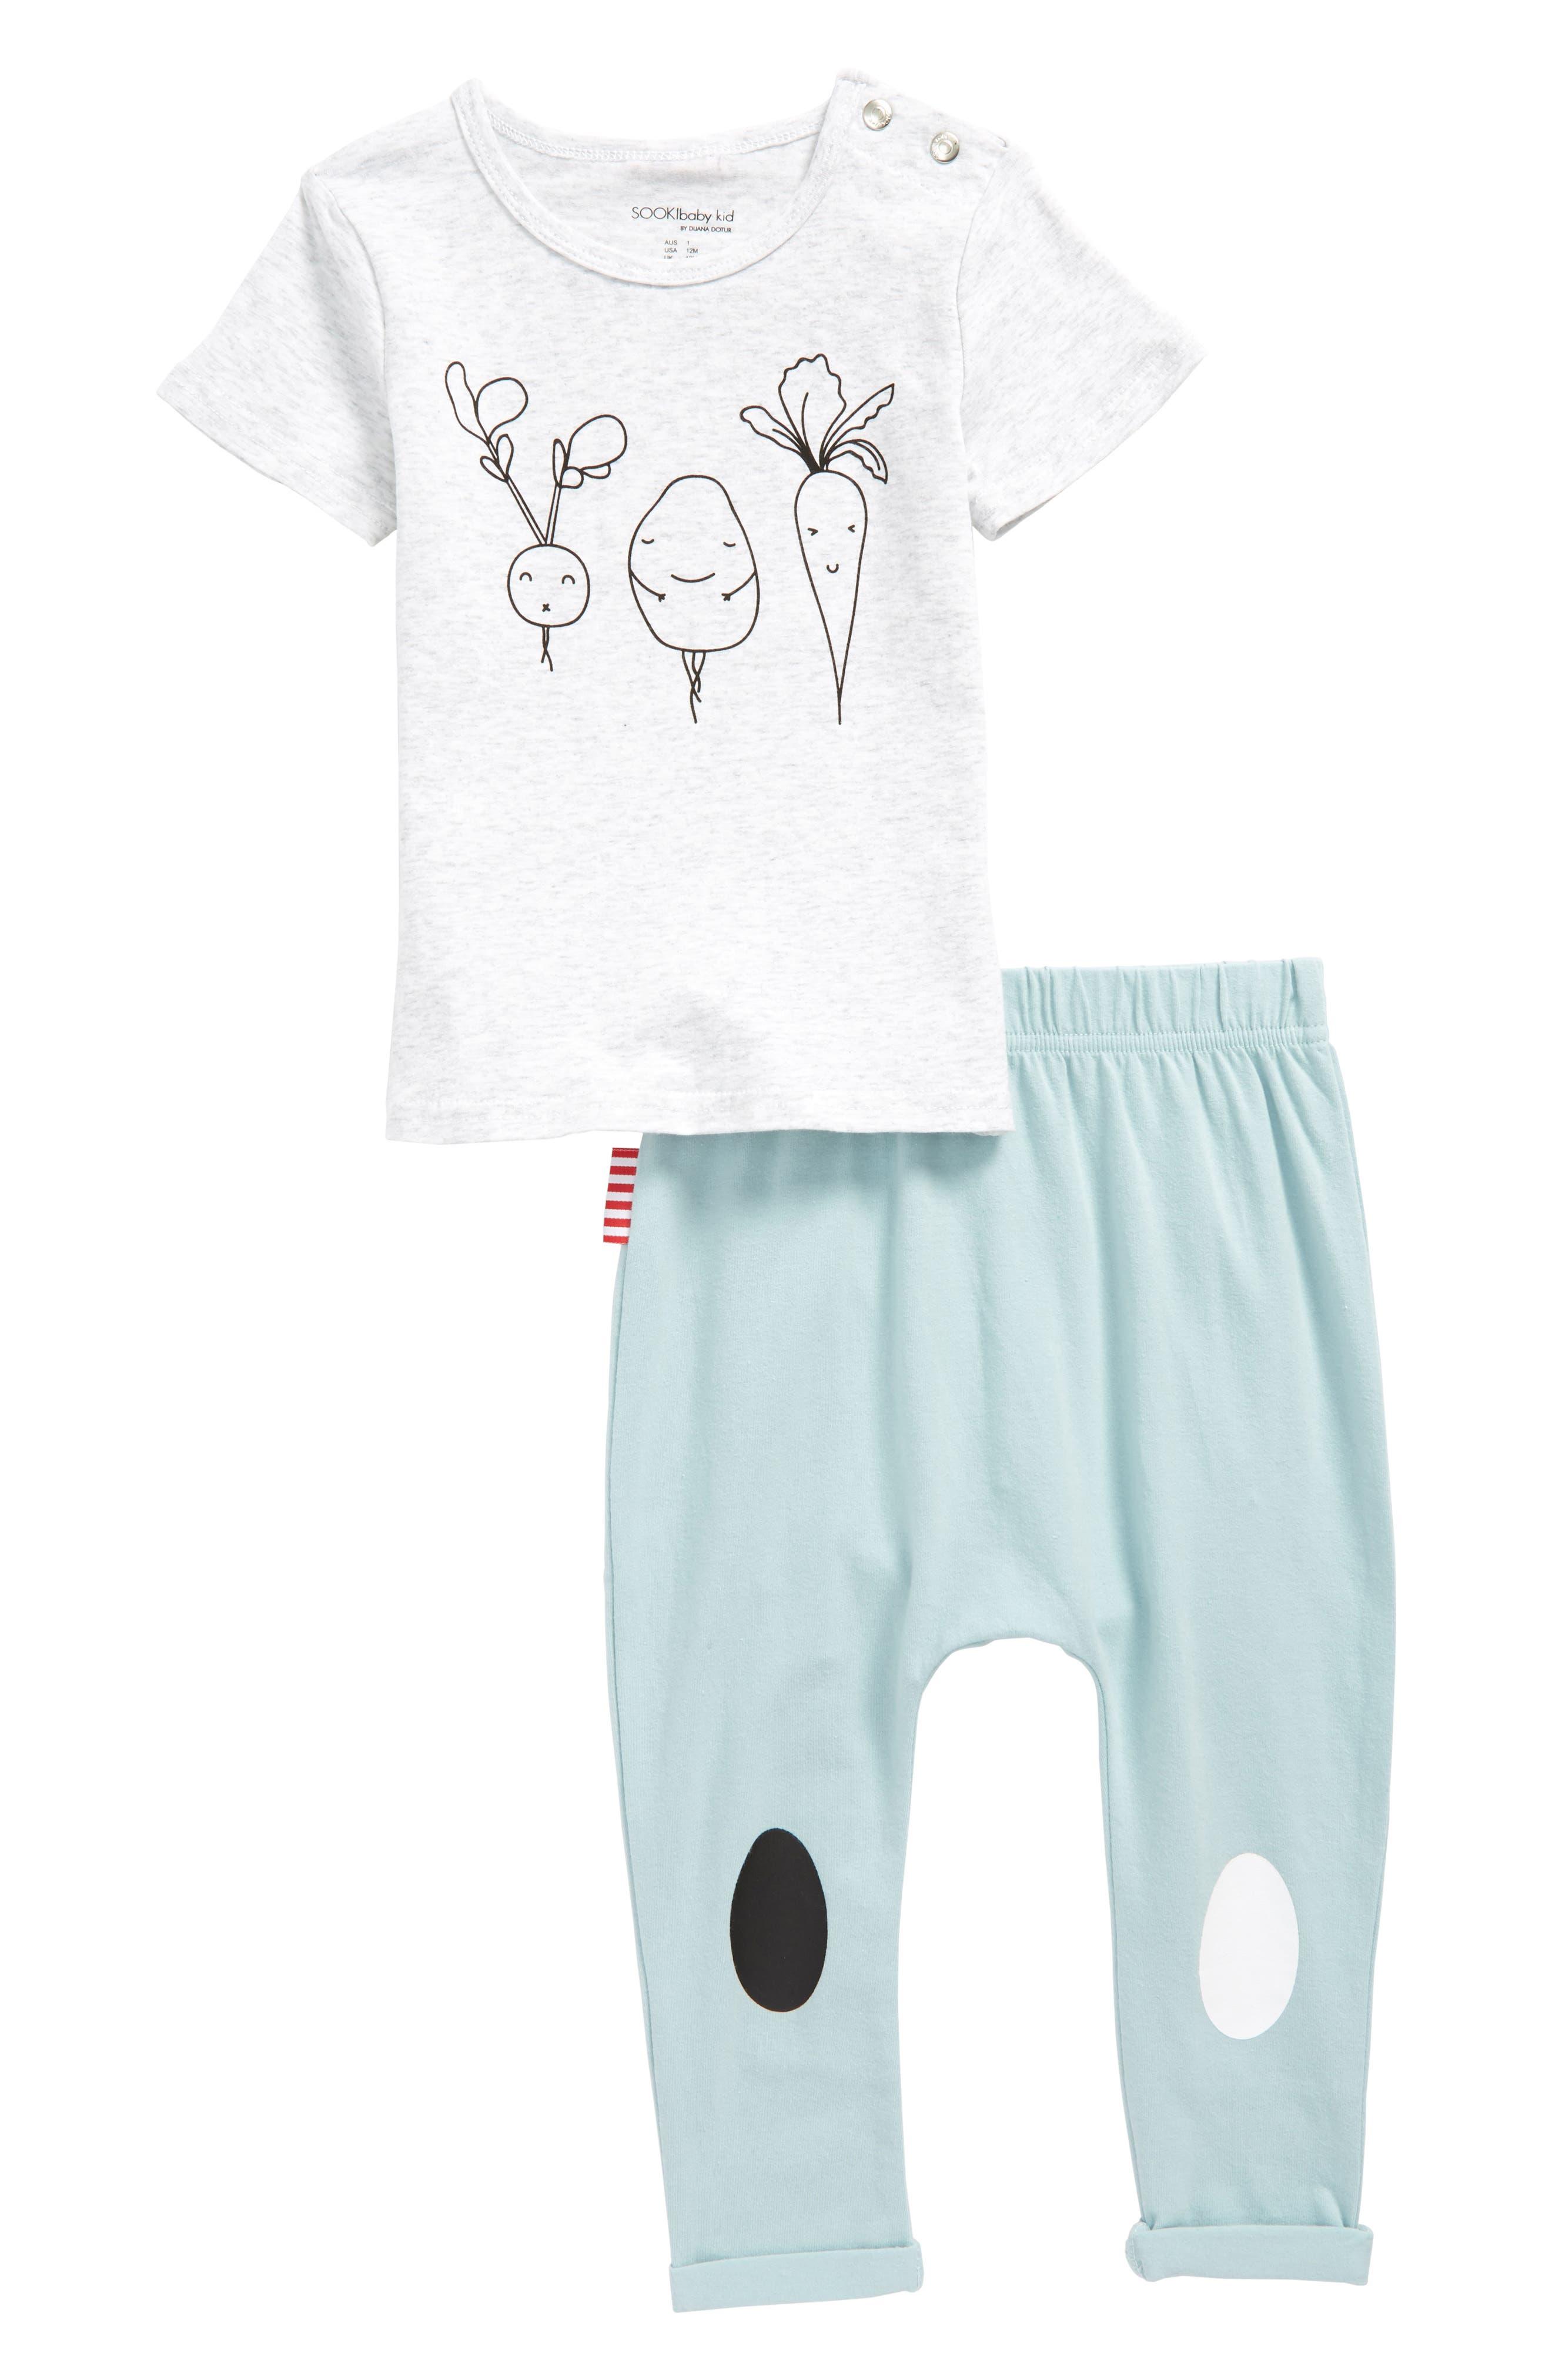 Brunch T-Shirt & Pants Set,                             Main thumbnail 1, color,                             Grey/ Mint